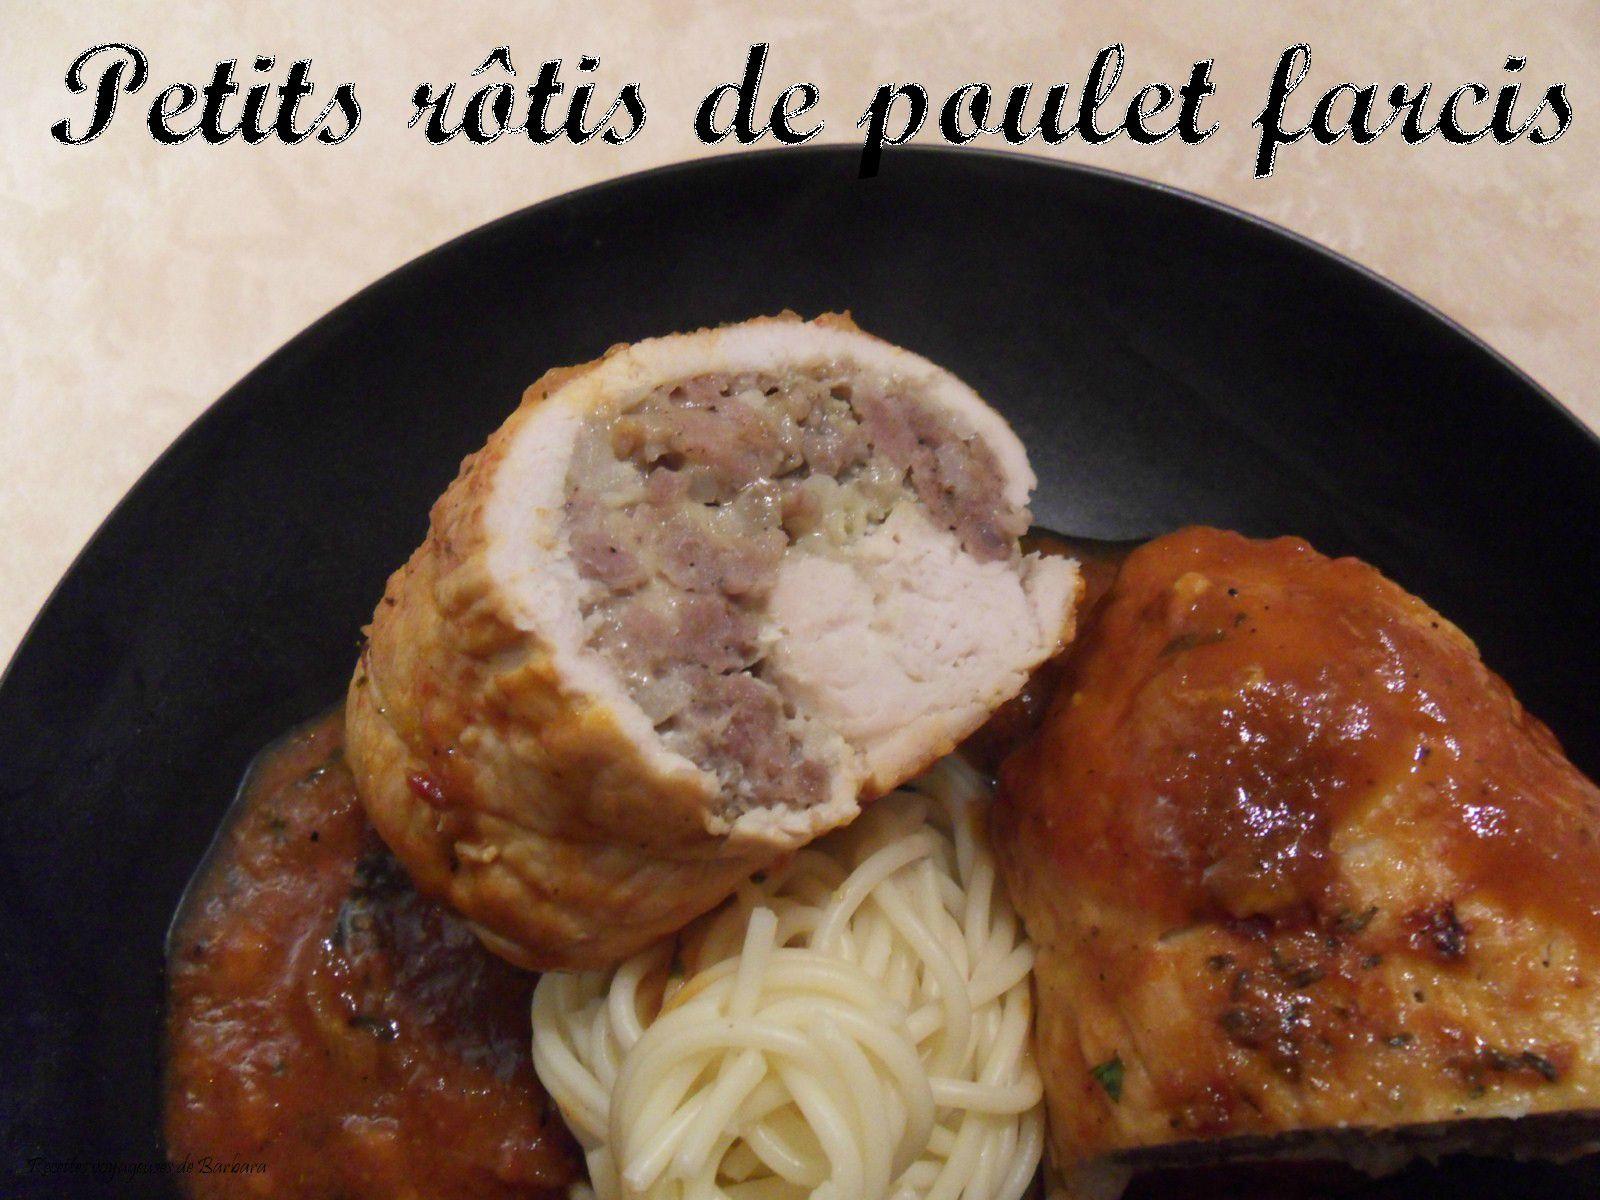 petits rotis de poulet farcis1